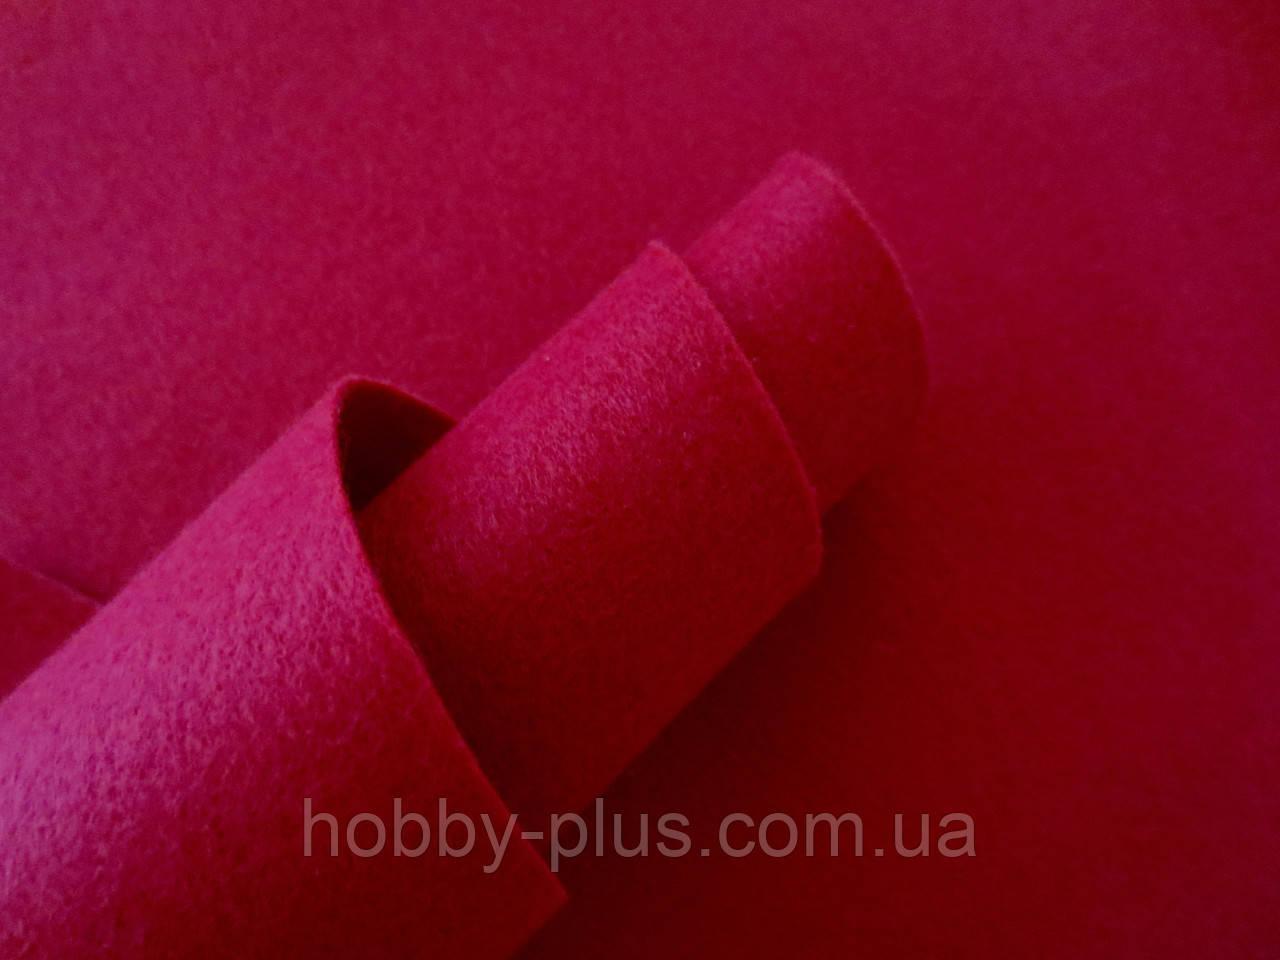 Фетр корейский мягкий, 1.2 мм, 20x30 см, БОРДОВЫЙ